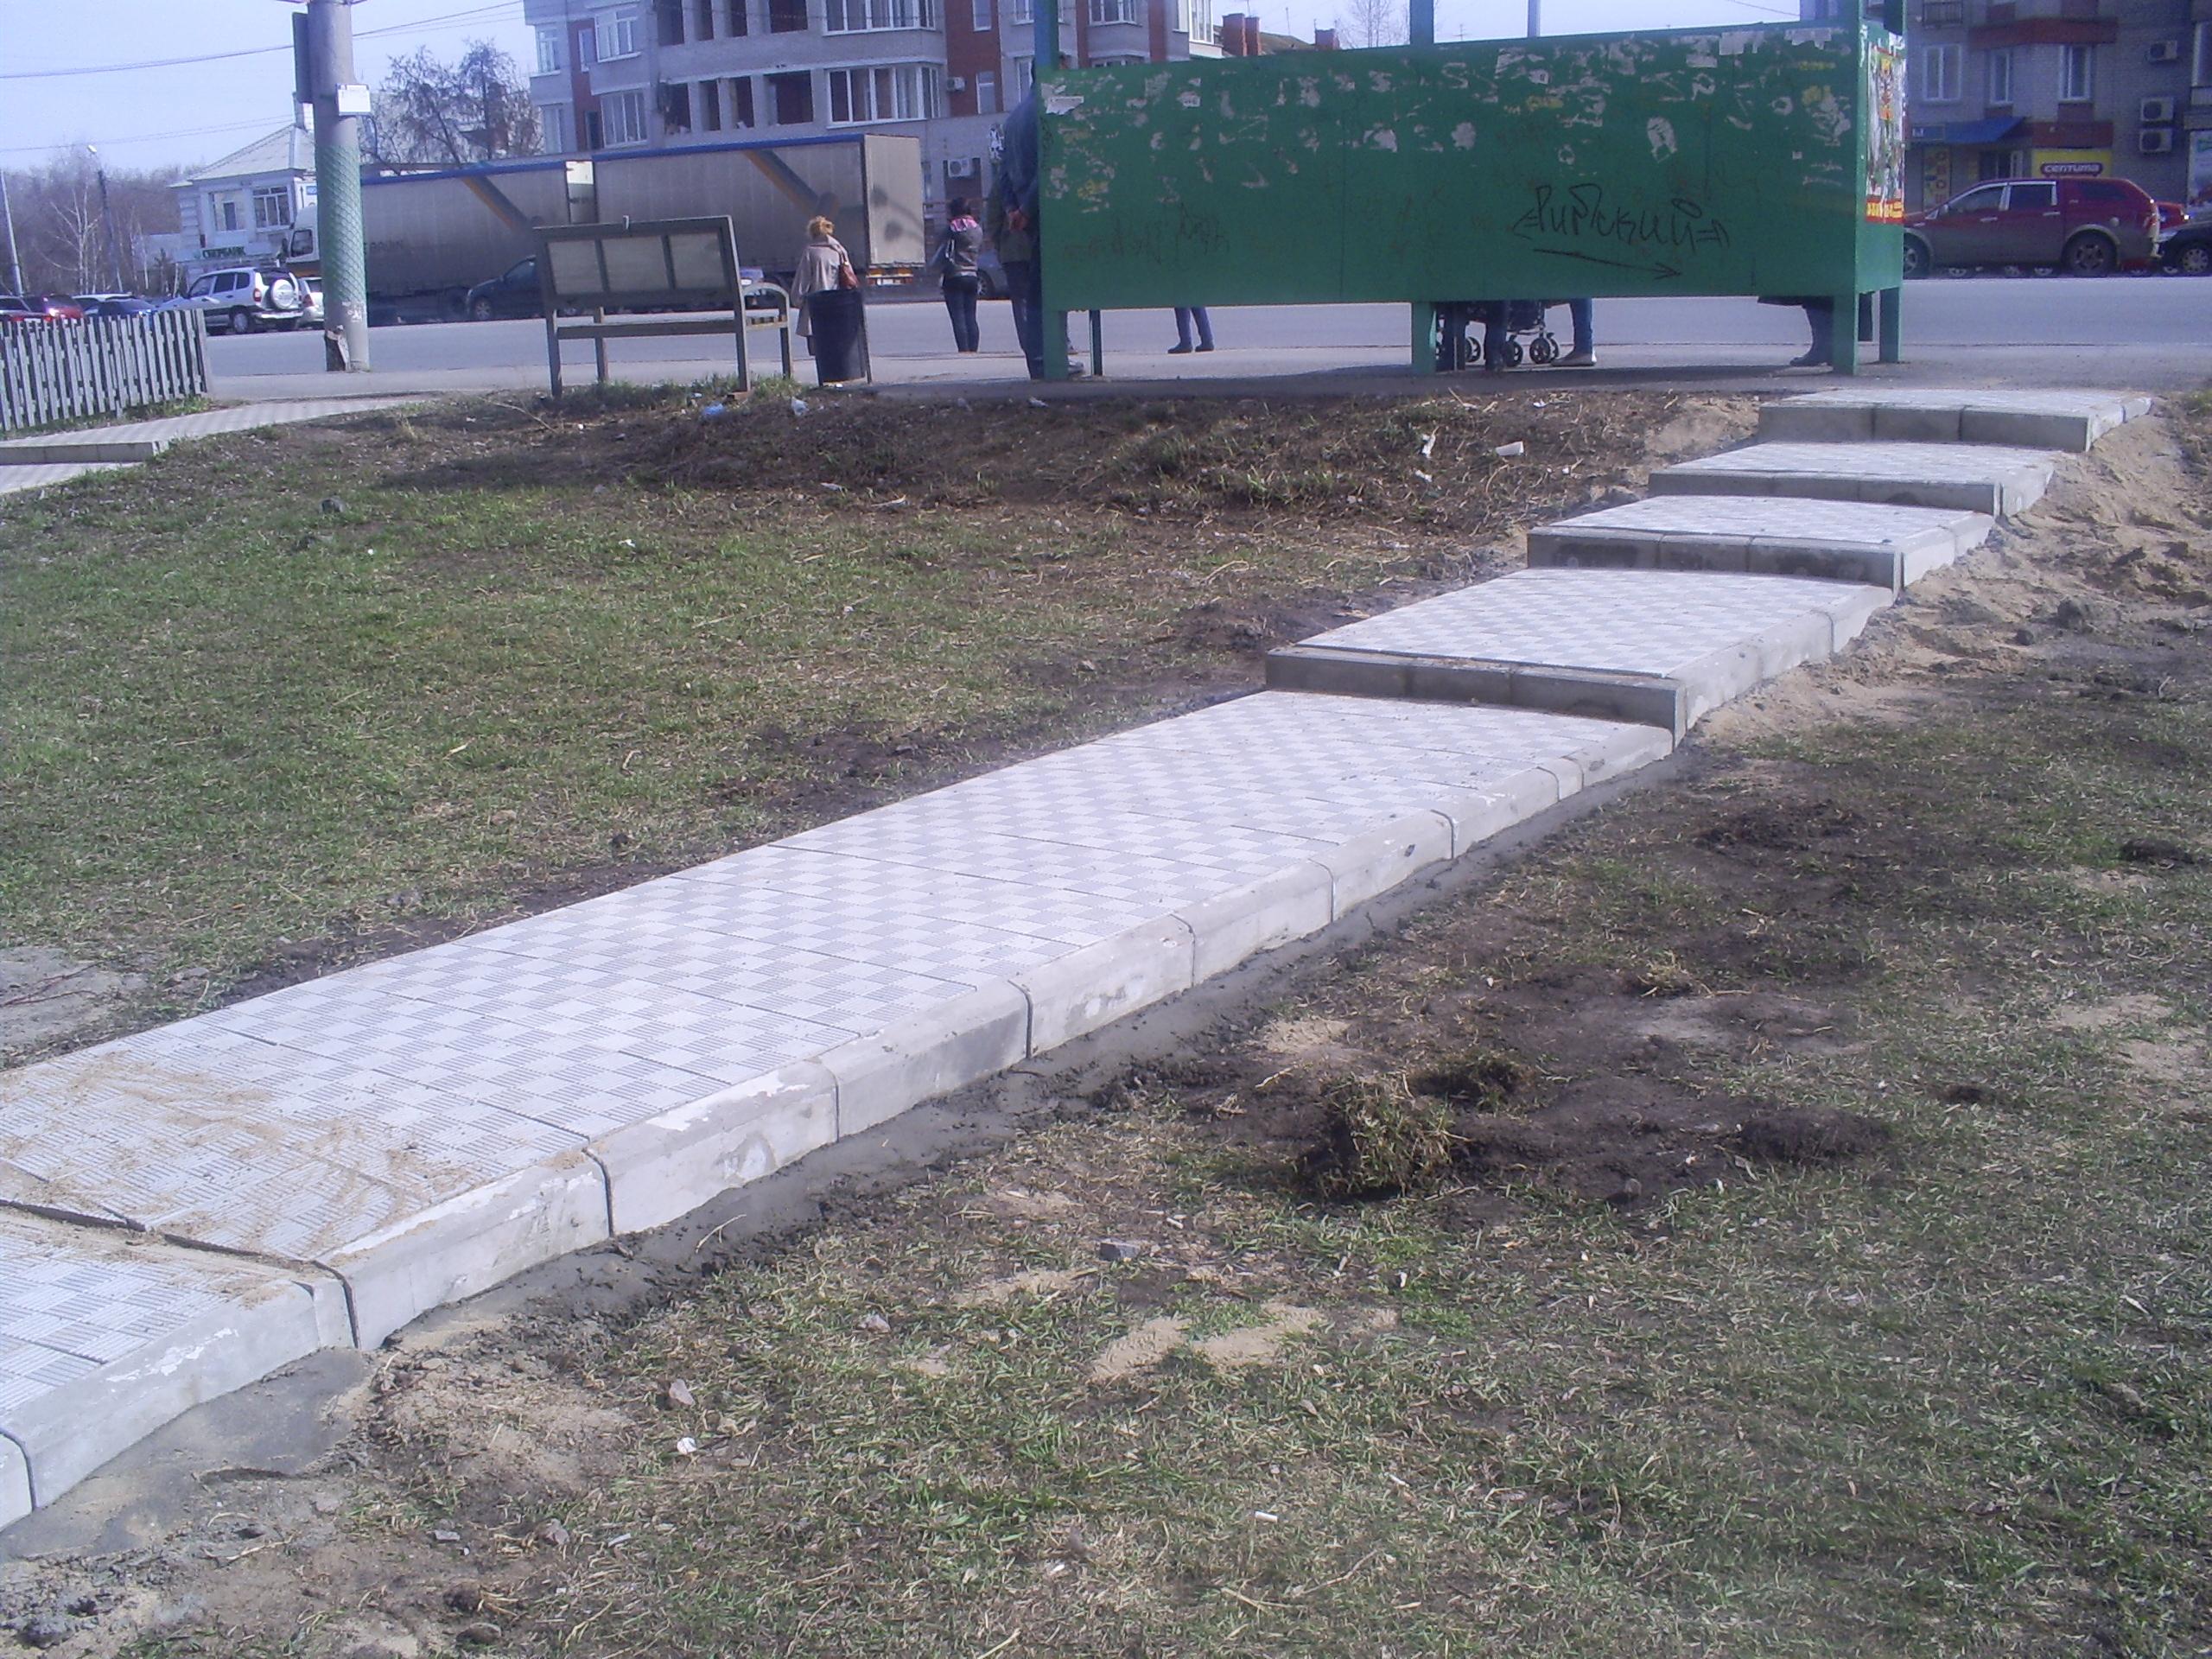 http://plitka-omsk55.ru/images/upload/S5031160.JPG